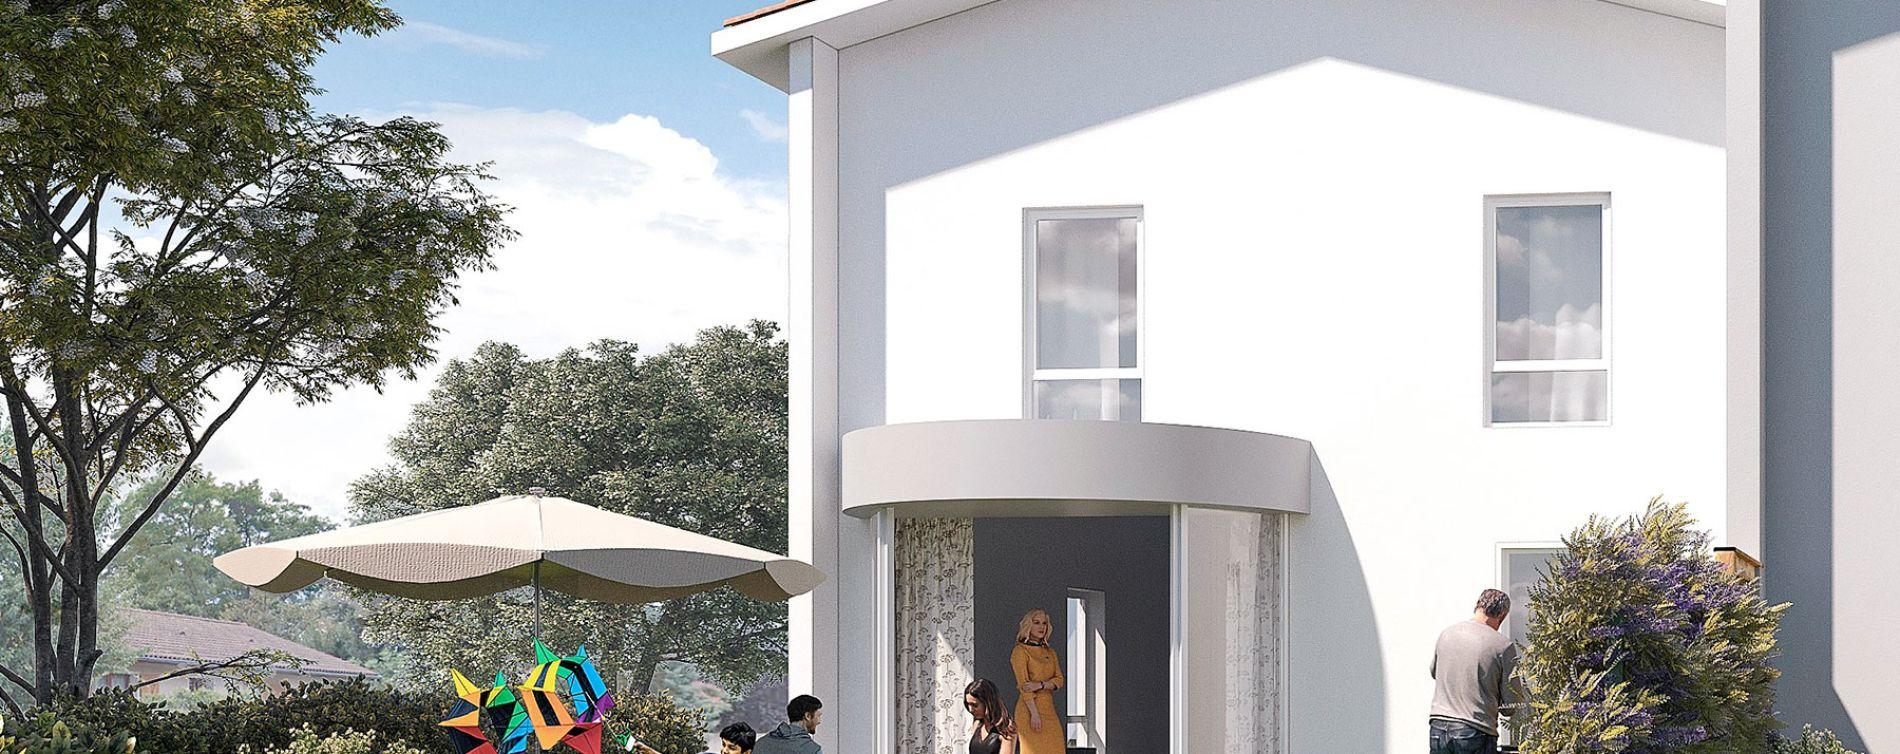 Résidence Garden VO à Villenave-d'Ornon